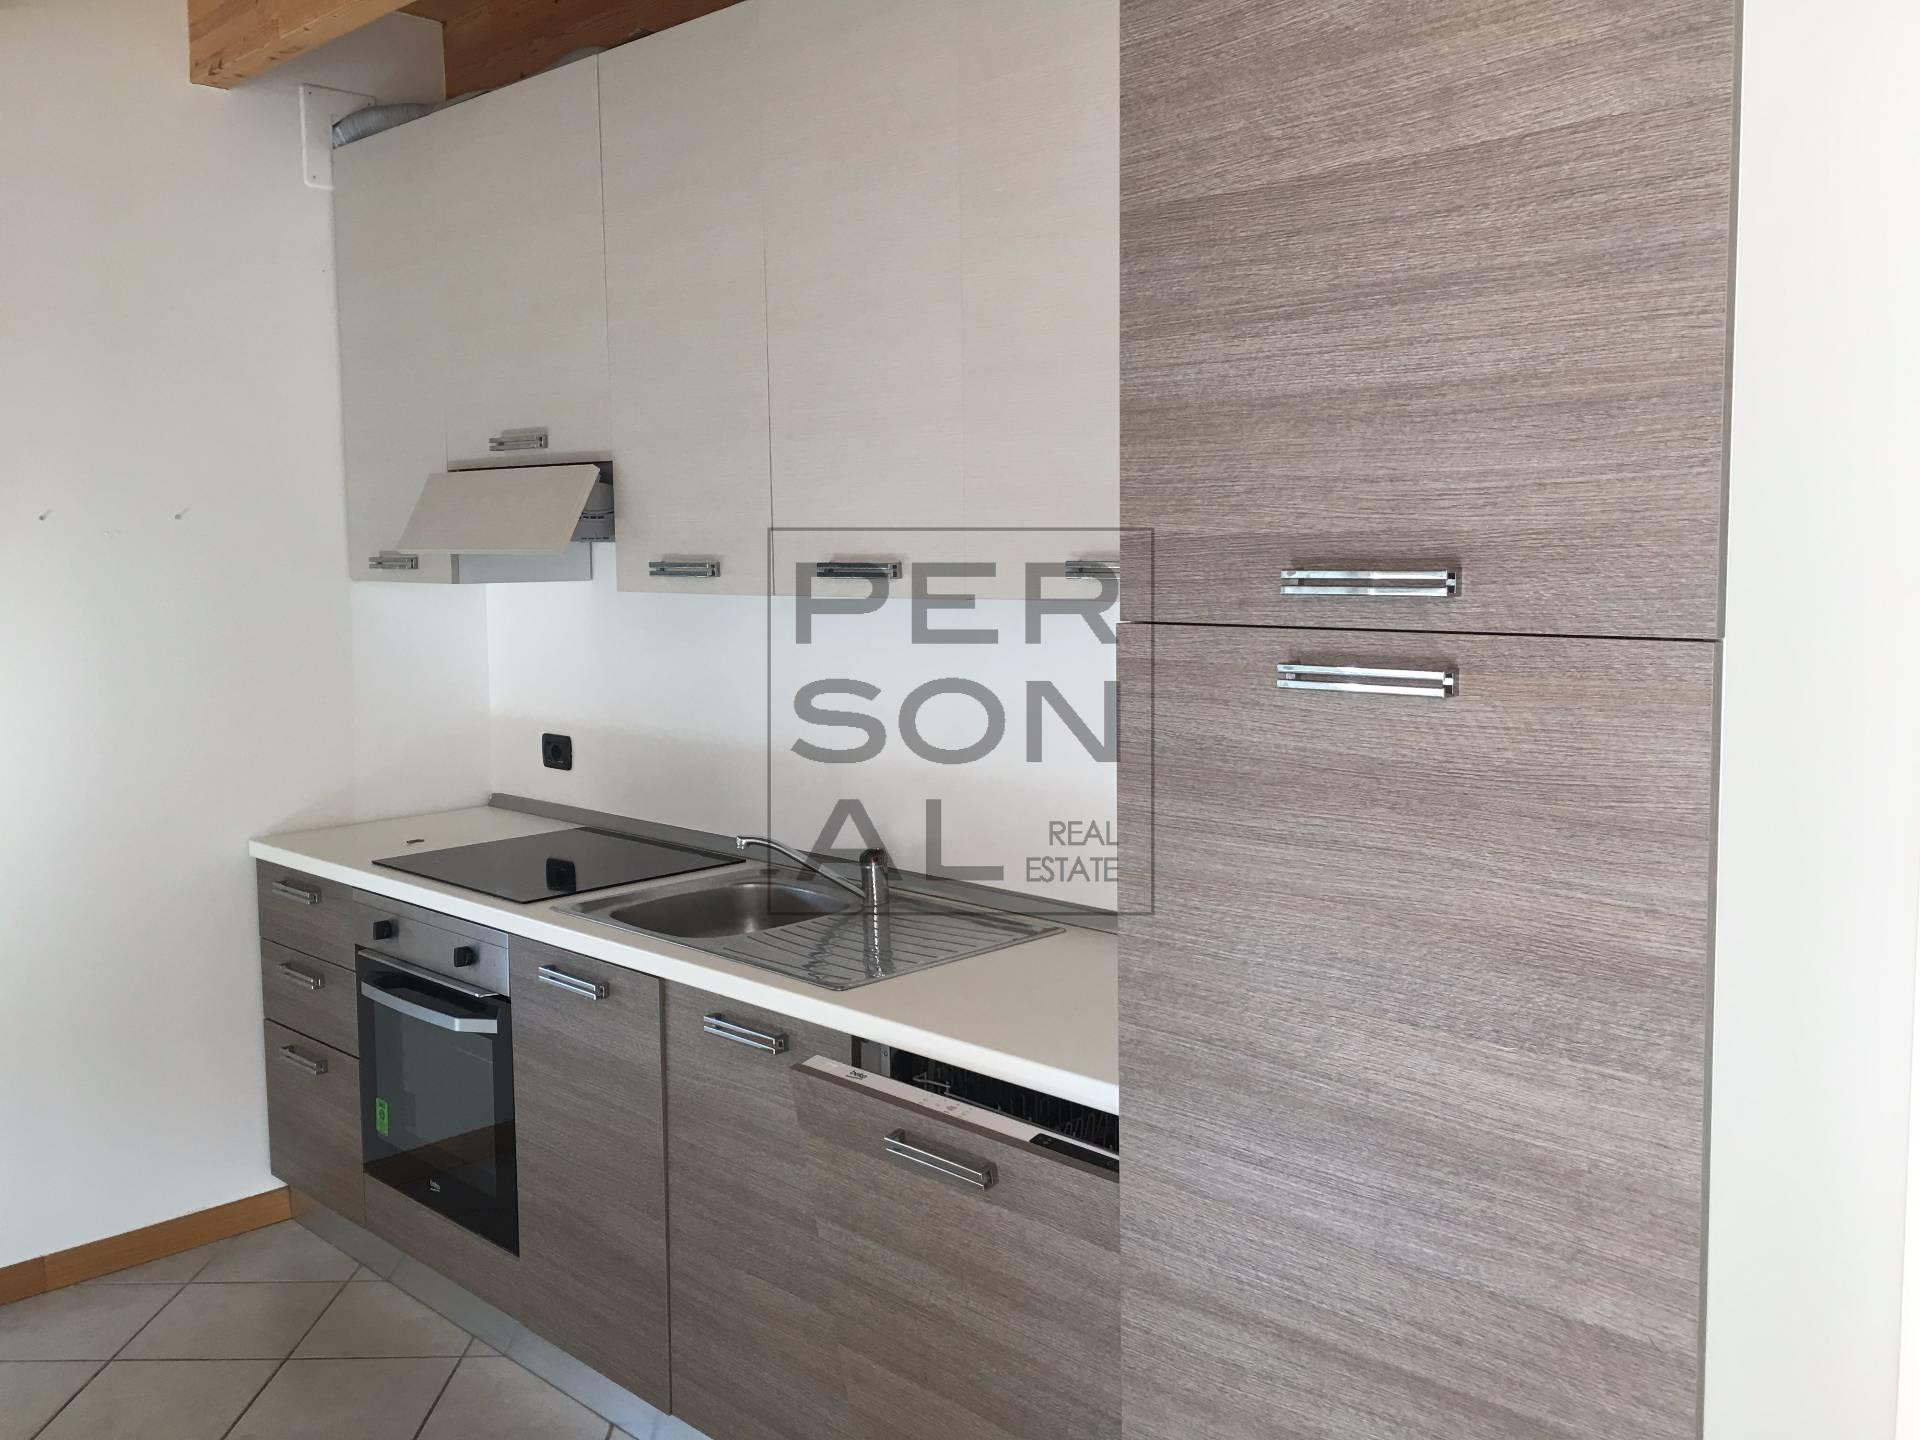 Appartamento in vendita a Cavedine, 4 locali, prezzo € 160.000 | CambioCasa.it